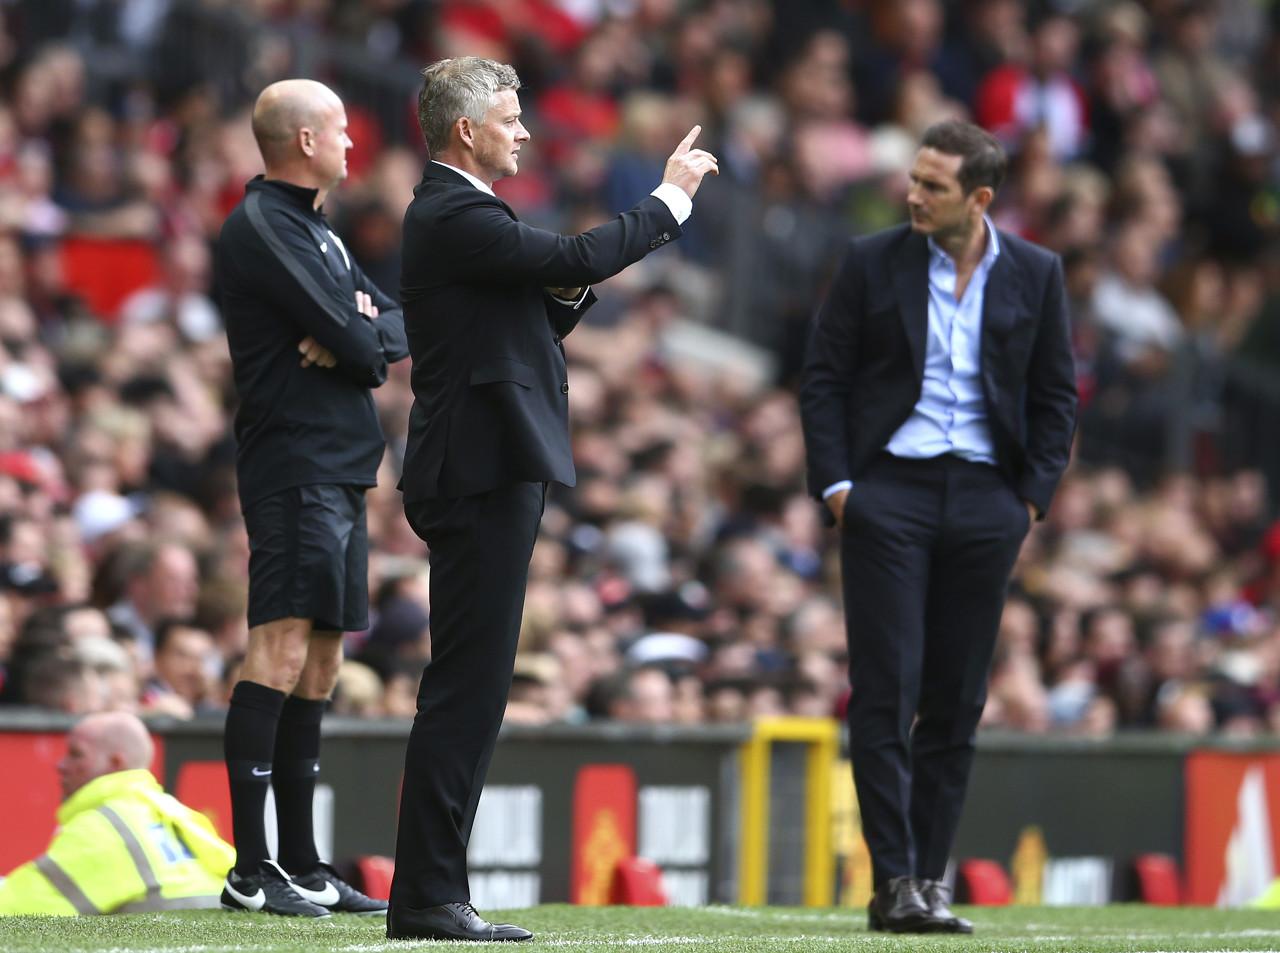 曼晚记者:兰帕德进了英超最佳教练候选索帅却没进,搞不懂